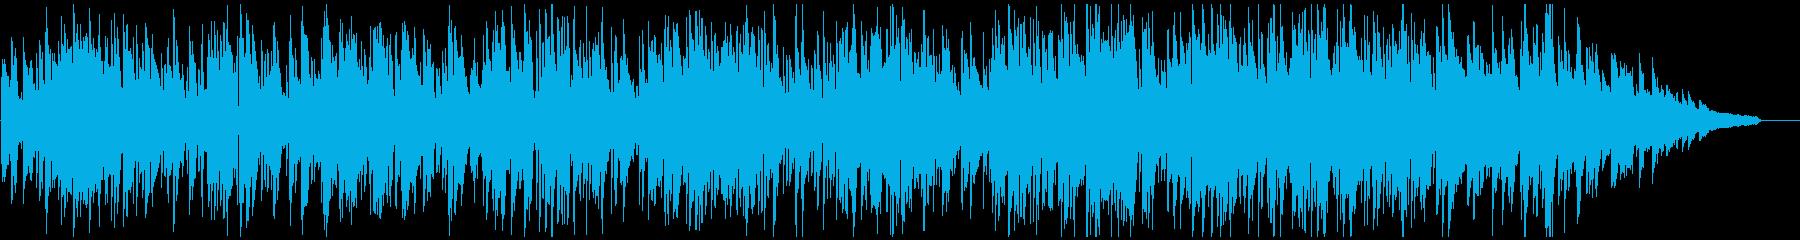 ランチタイムの爽やかなボサノバ・ジャズの再生済みの波形